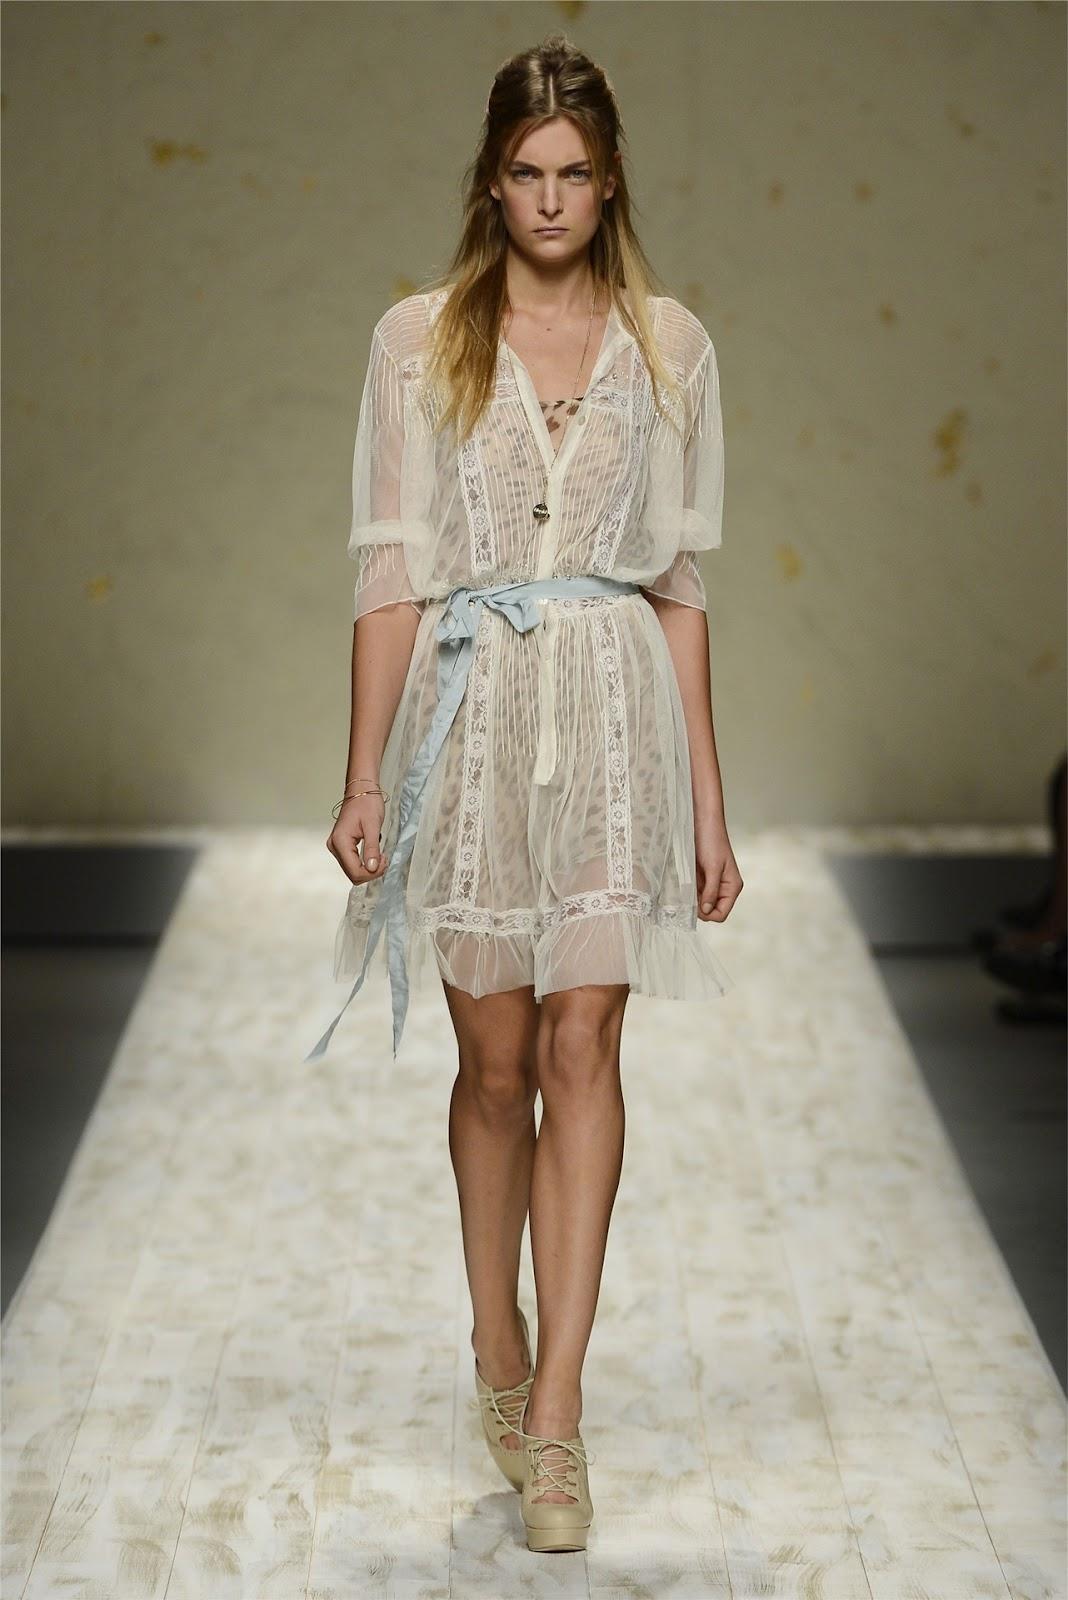 http://1.bp.blogspot.com/-TsFjJi1QxkA/UF74uYFmGHI/AAAAAAAANKA/CSqv6rziNfc/s1600/Milano+Fashion+Week+-+Blugirl+(Spring-Summer+2013)+2.jpg